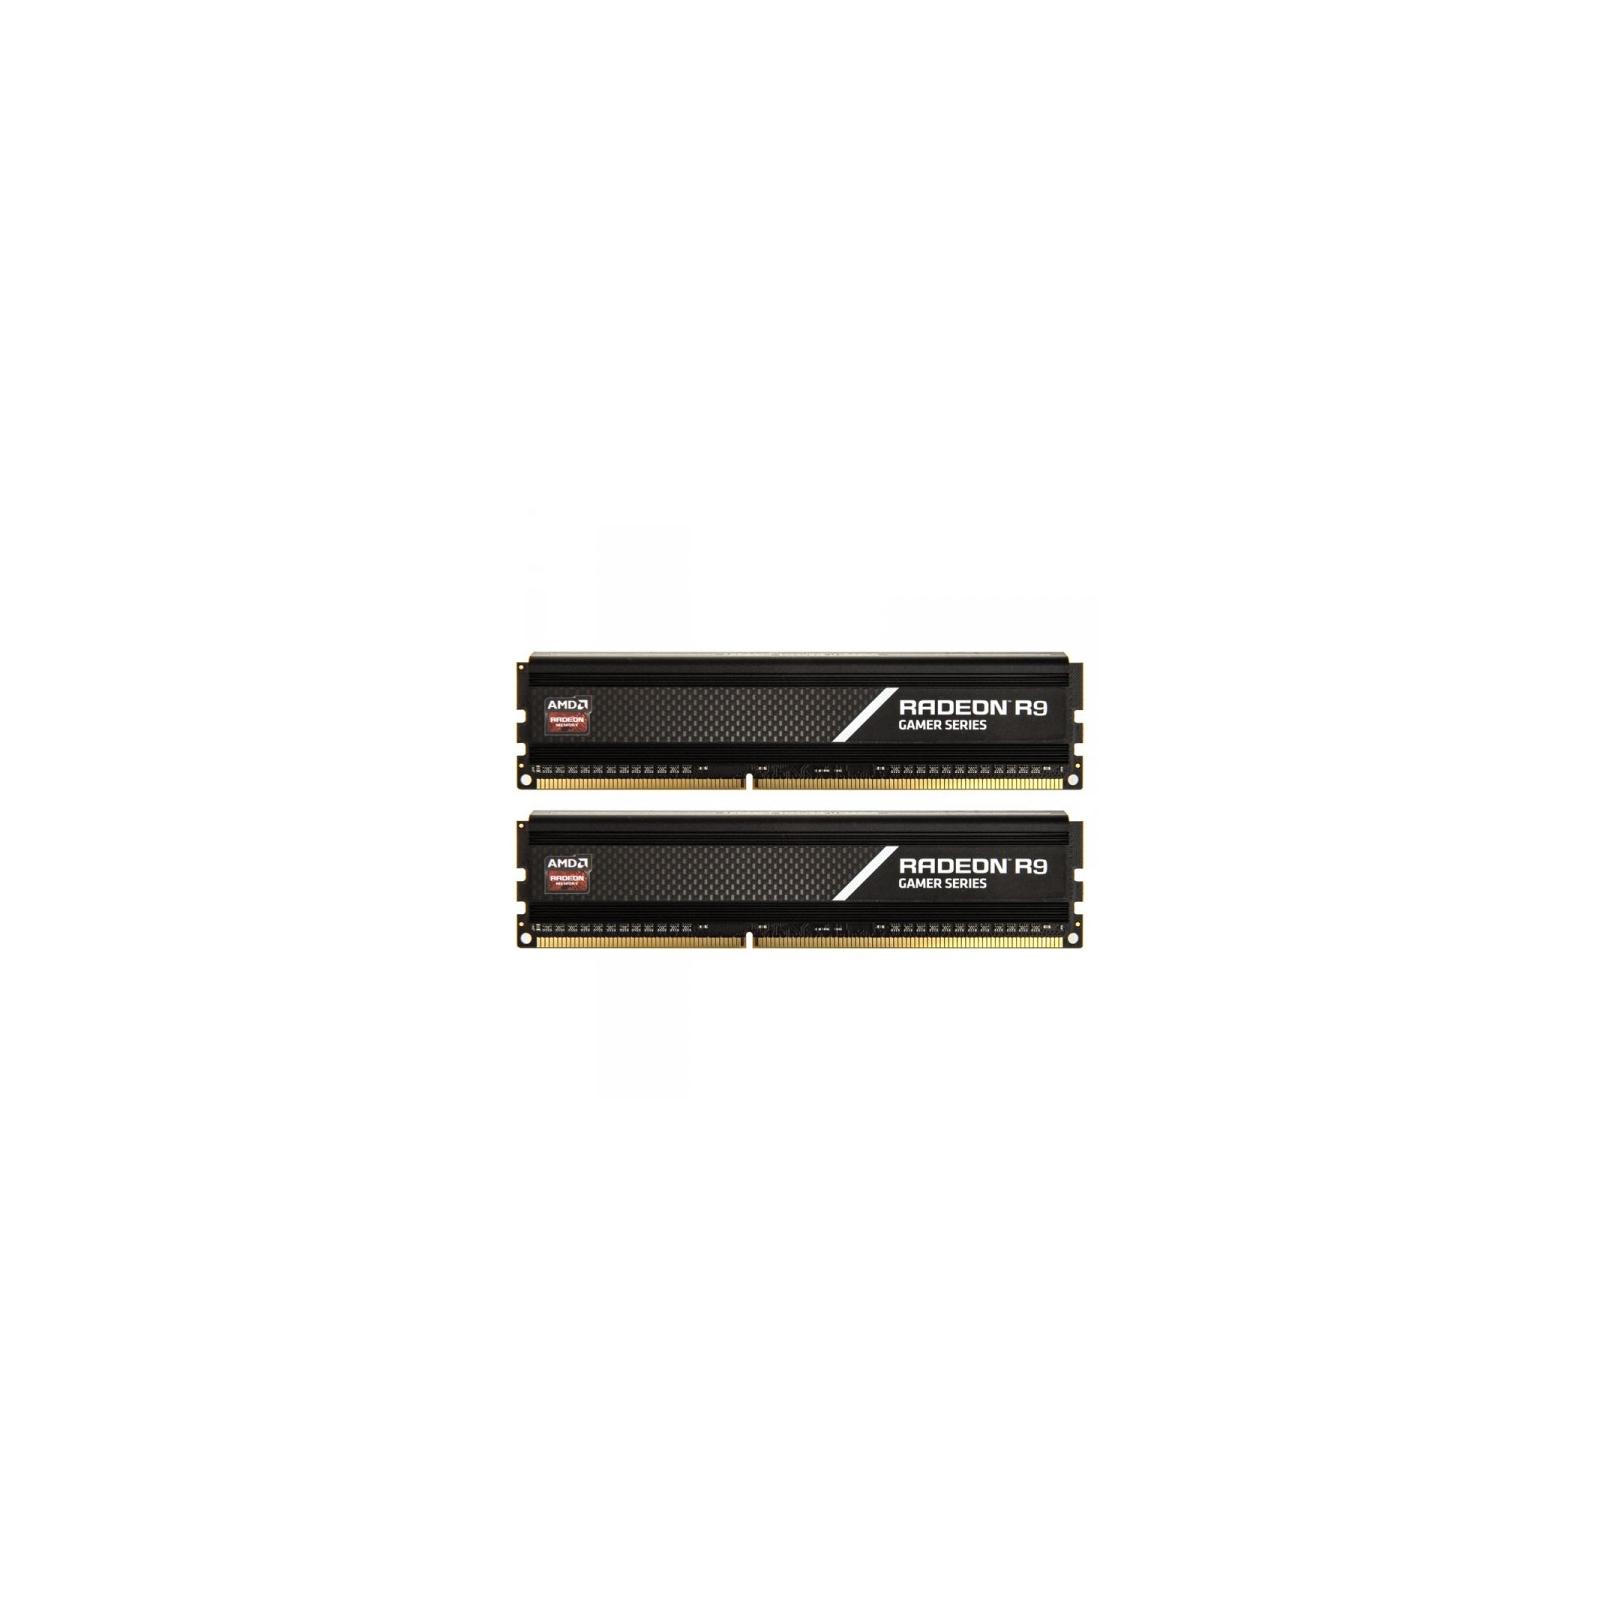 Модуль памяти для компьютера DDR3 8GB (2x4GB) 2400 MHz AMD (R938G2401U1K)